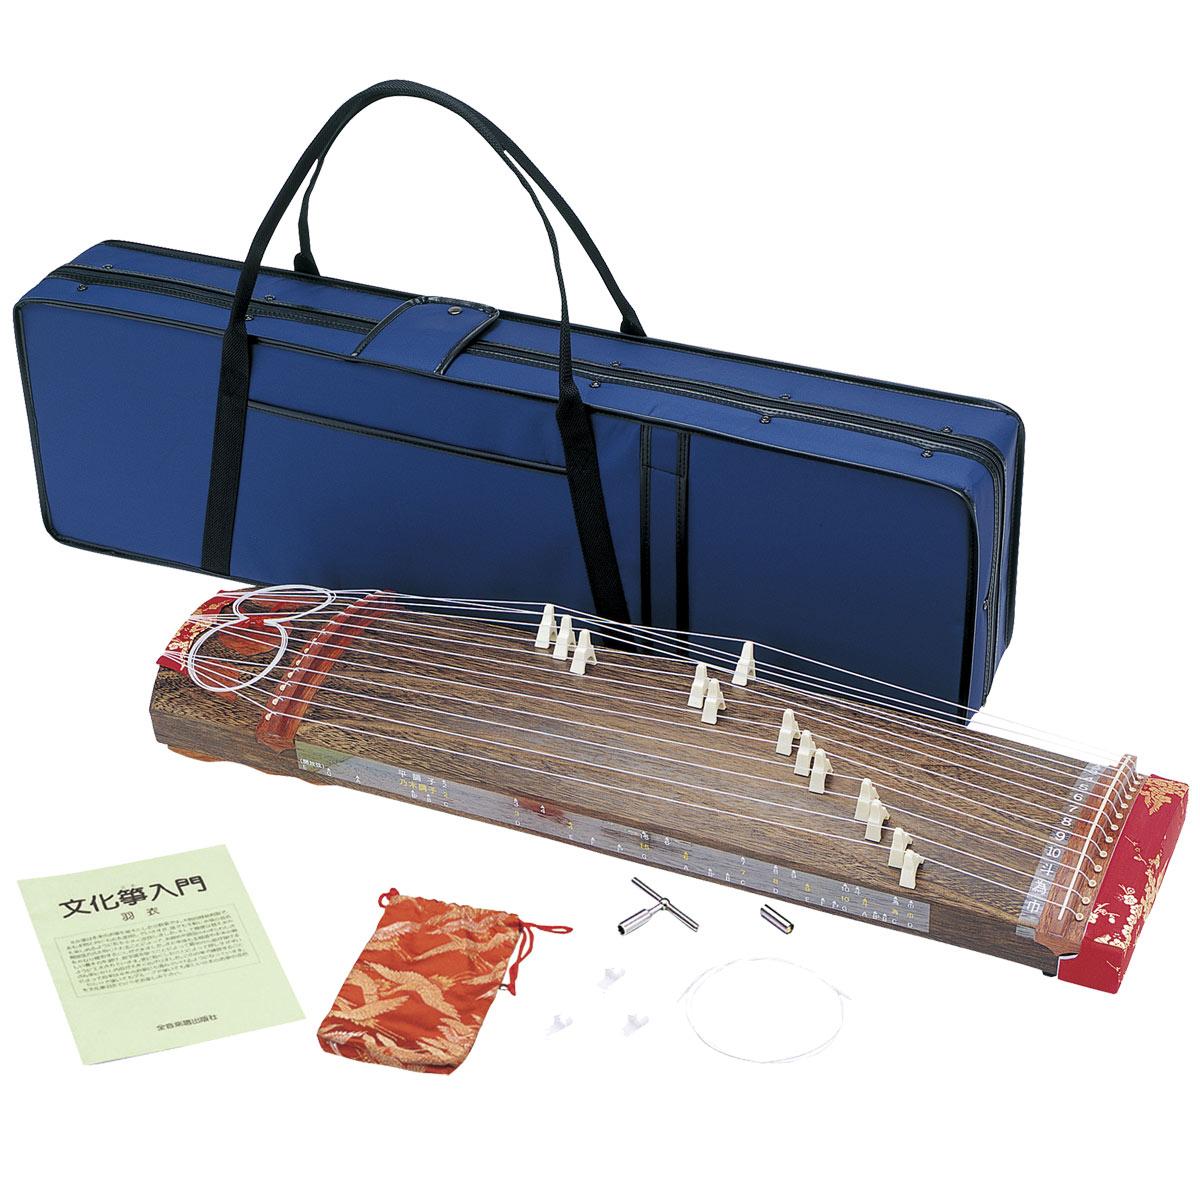 ゼンオン / ZK-02 文化筝 羽衣 ハードケースセット 和楽器 【お取り寄せ】